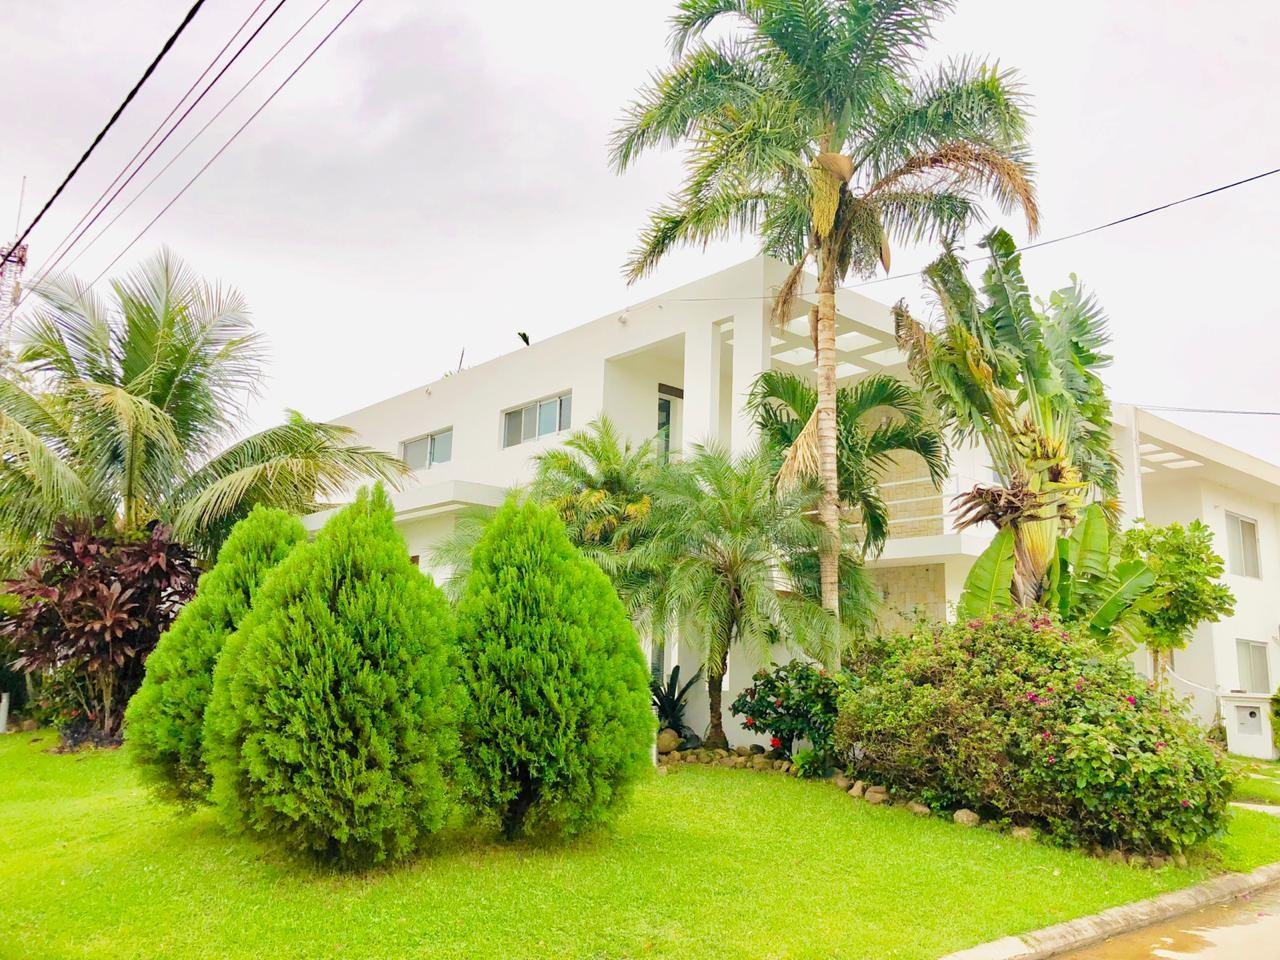 Casa en Alquiler Zona Urubo - Condominio Jardines del Urubo - lado de Restaurante Casa del Camba - a 1 minuto del Puente principal. Foto 7